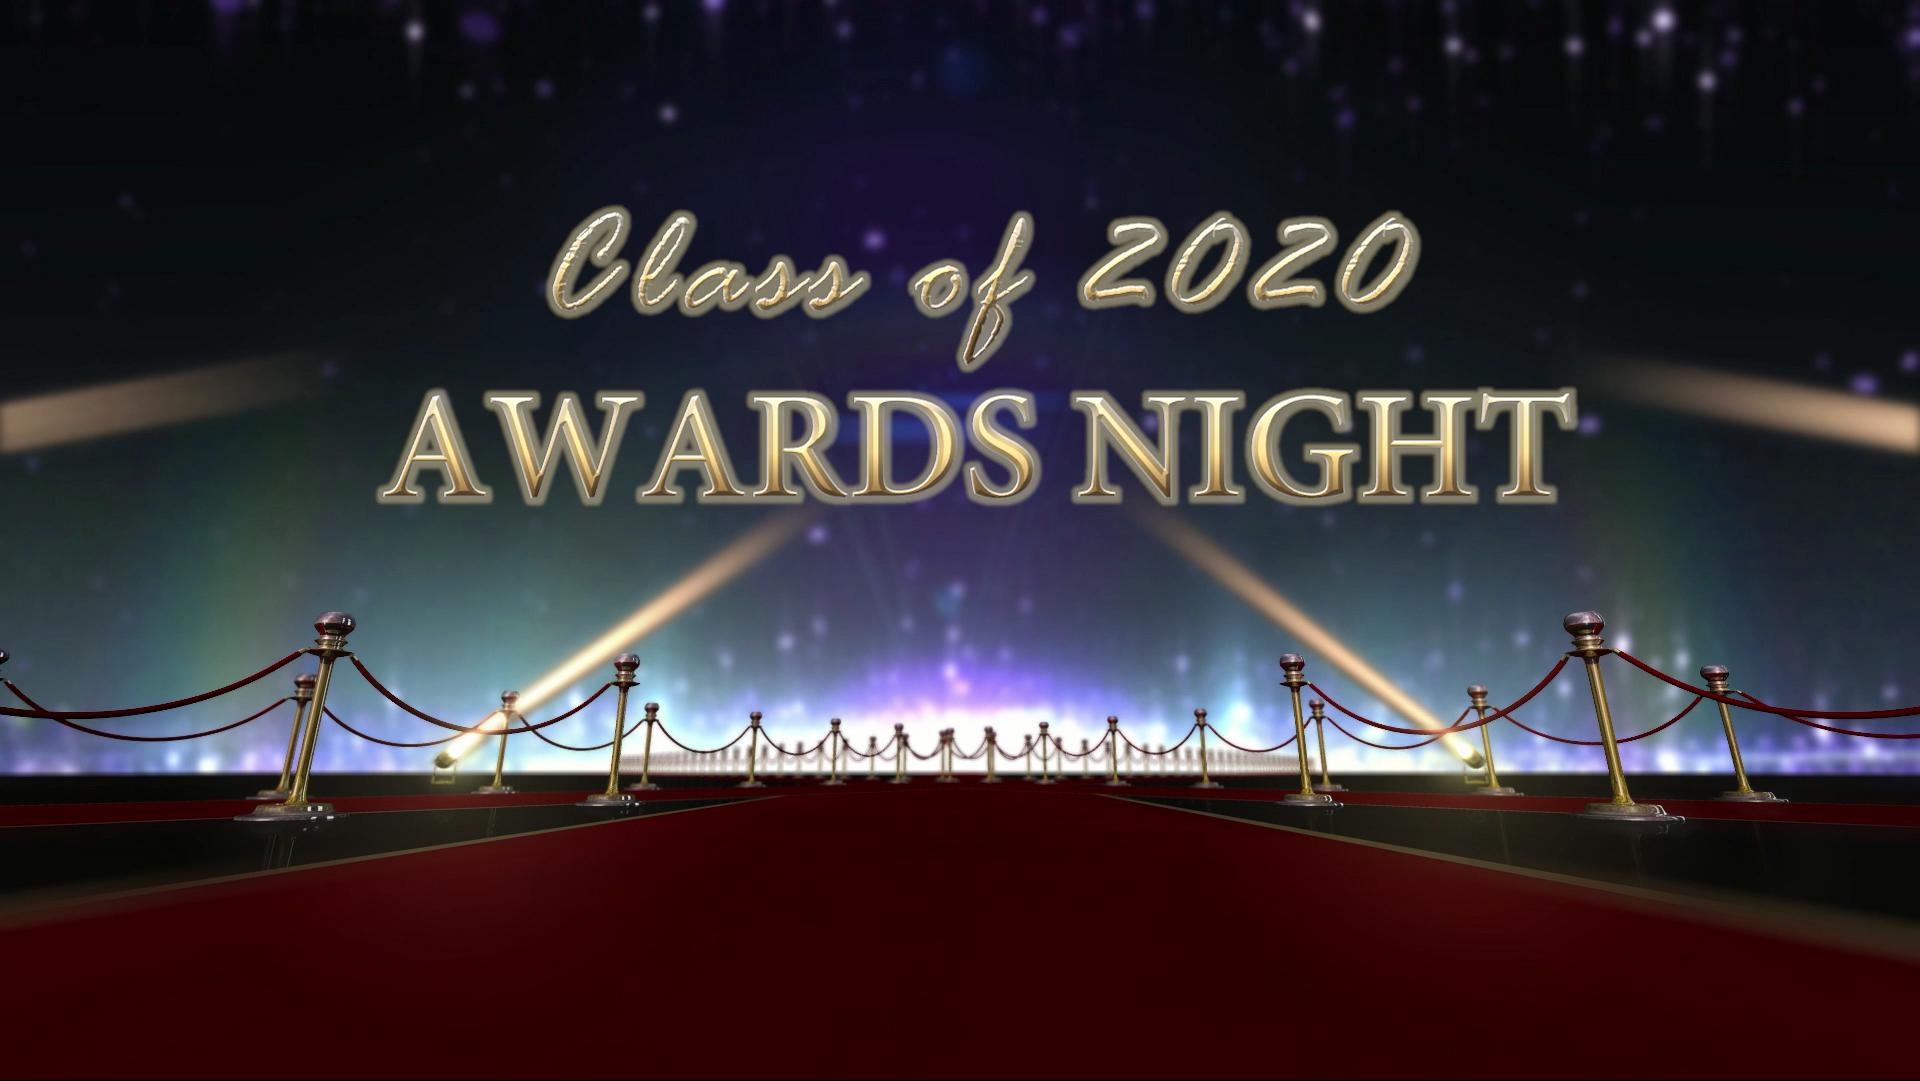 Senior Awards Night 2020